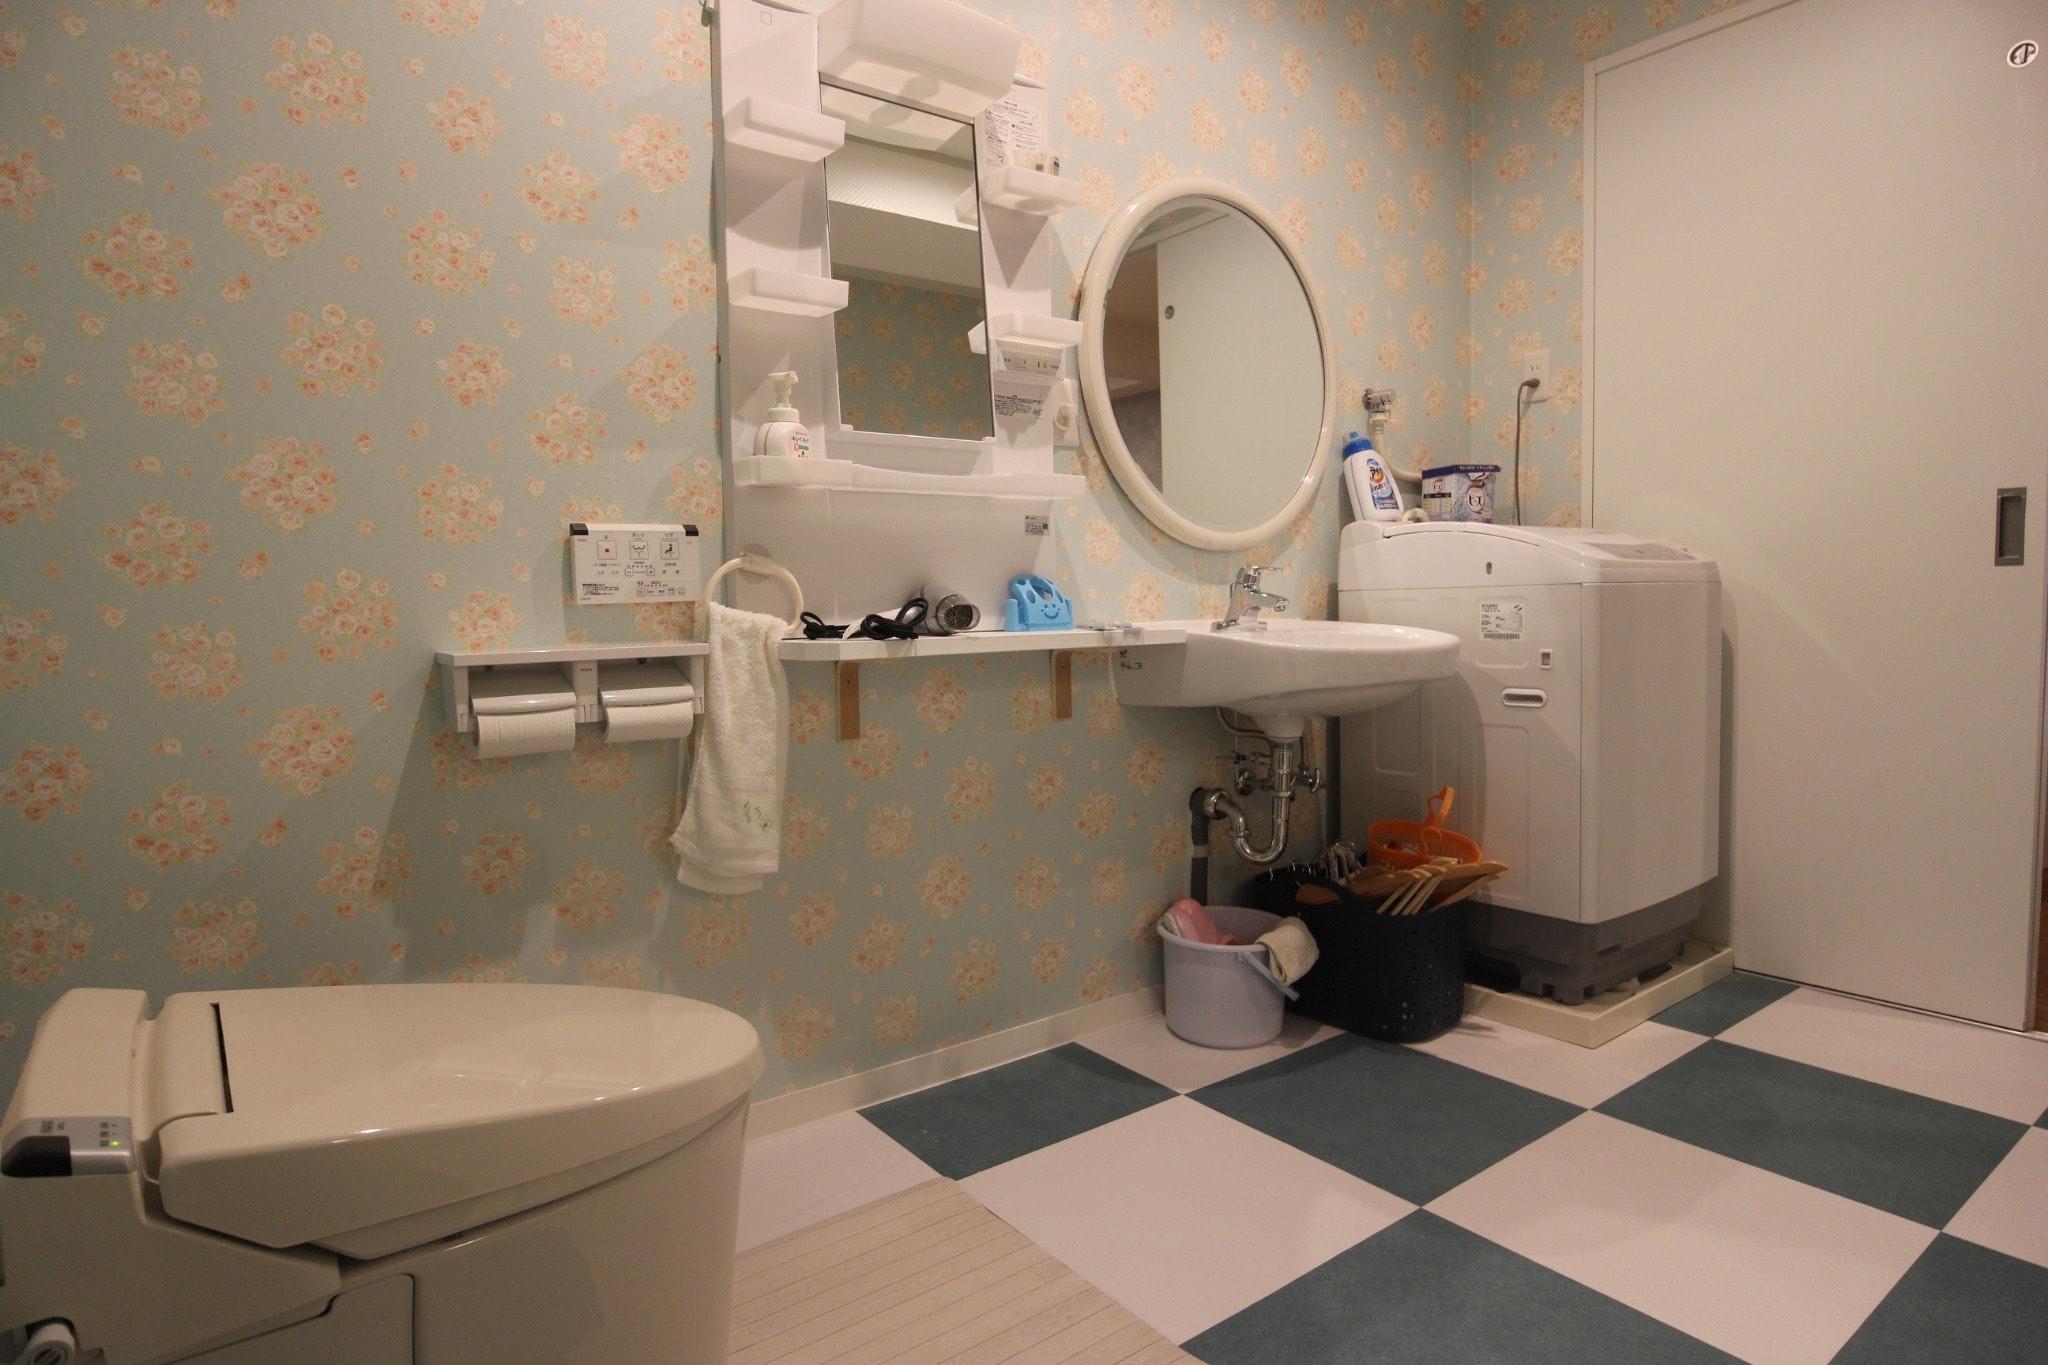 ★バリアフリー完全対応!玄関・お部屋・バスルームすべて段差のないフラットな1R★電動式ベッドも完備